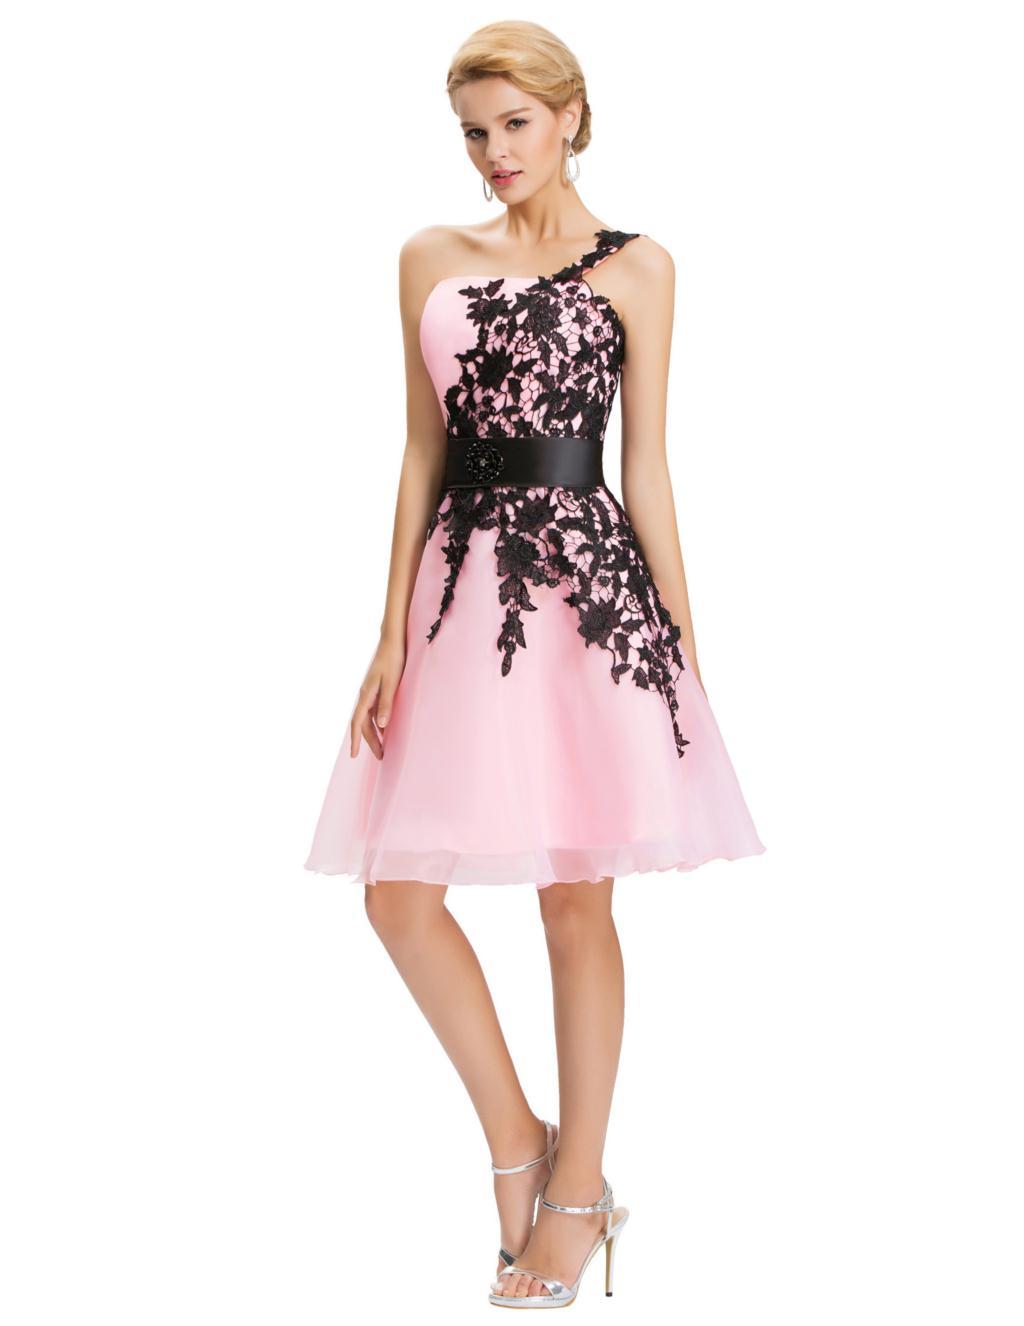 Грейс карин короткие коктейльные платья 2016 новый сексуальный черный аппликации кружевном платье для ну вечеринку халат коктеила платья выпускного вечера 4288